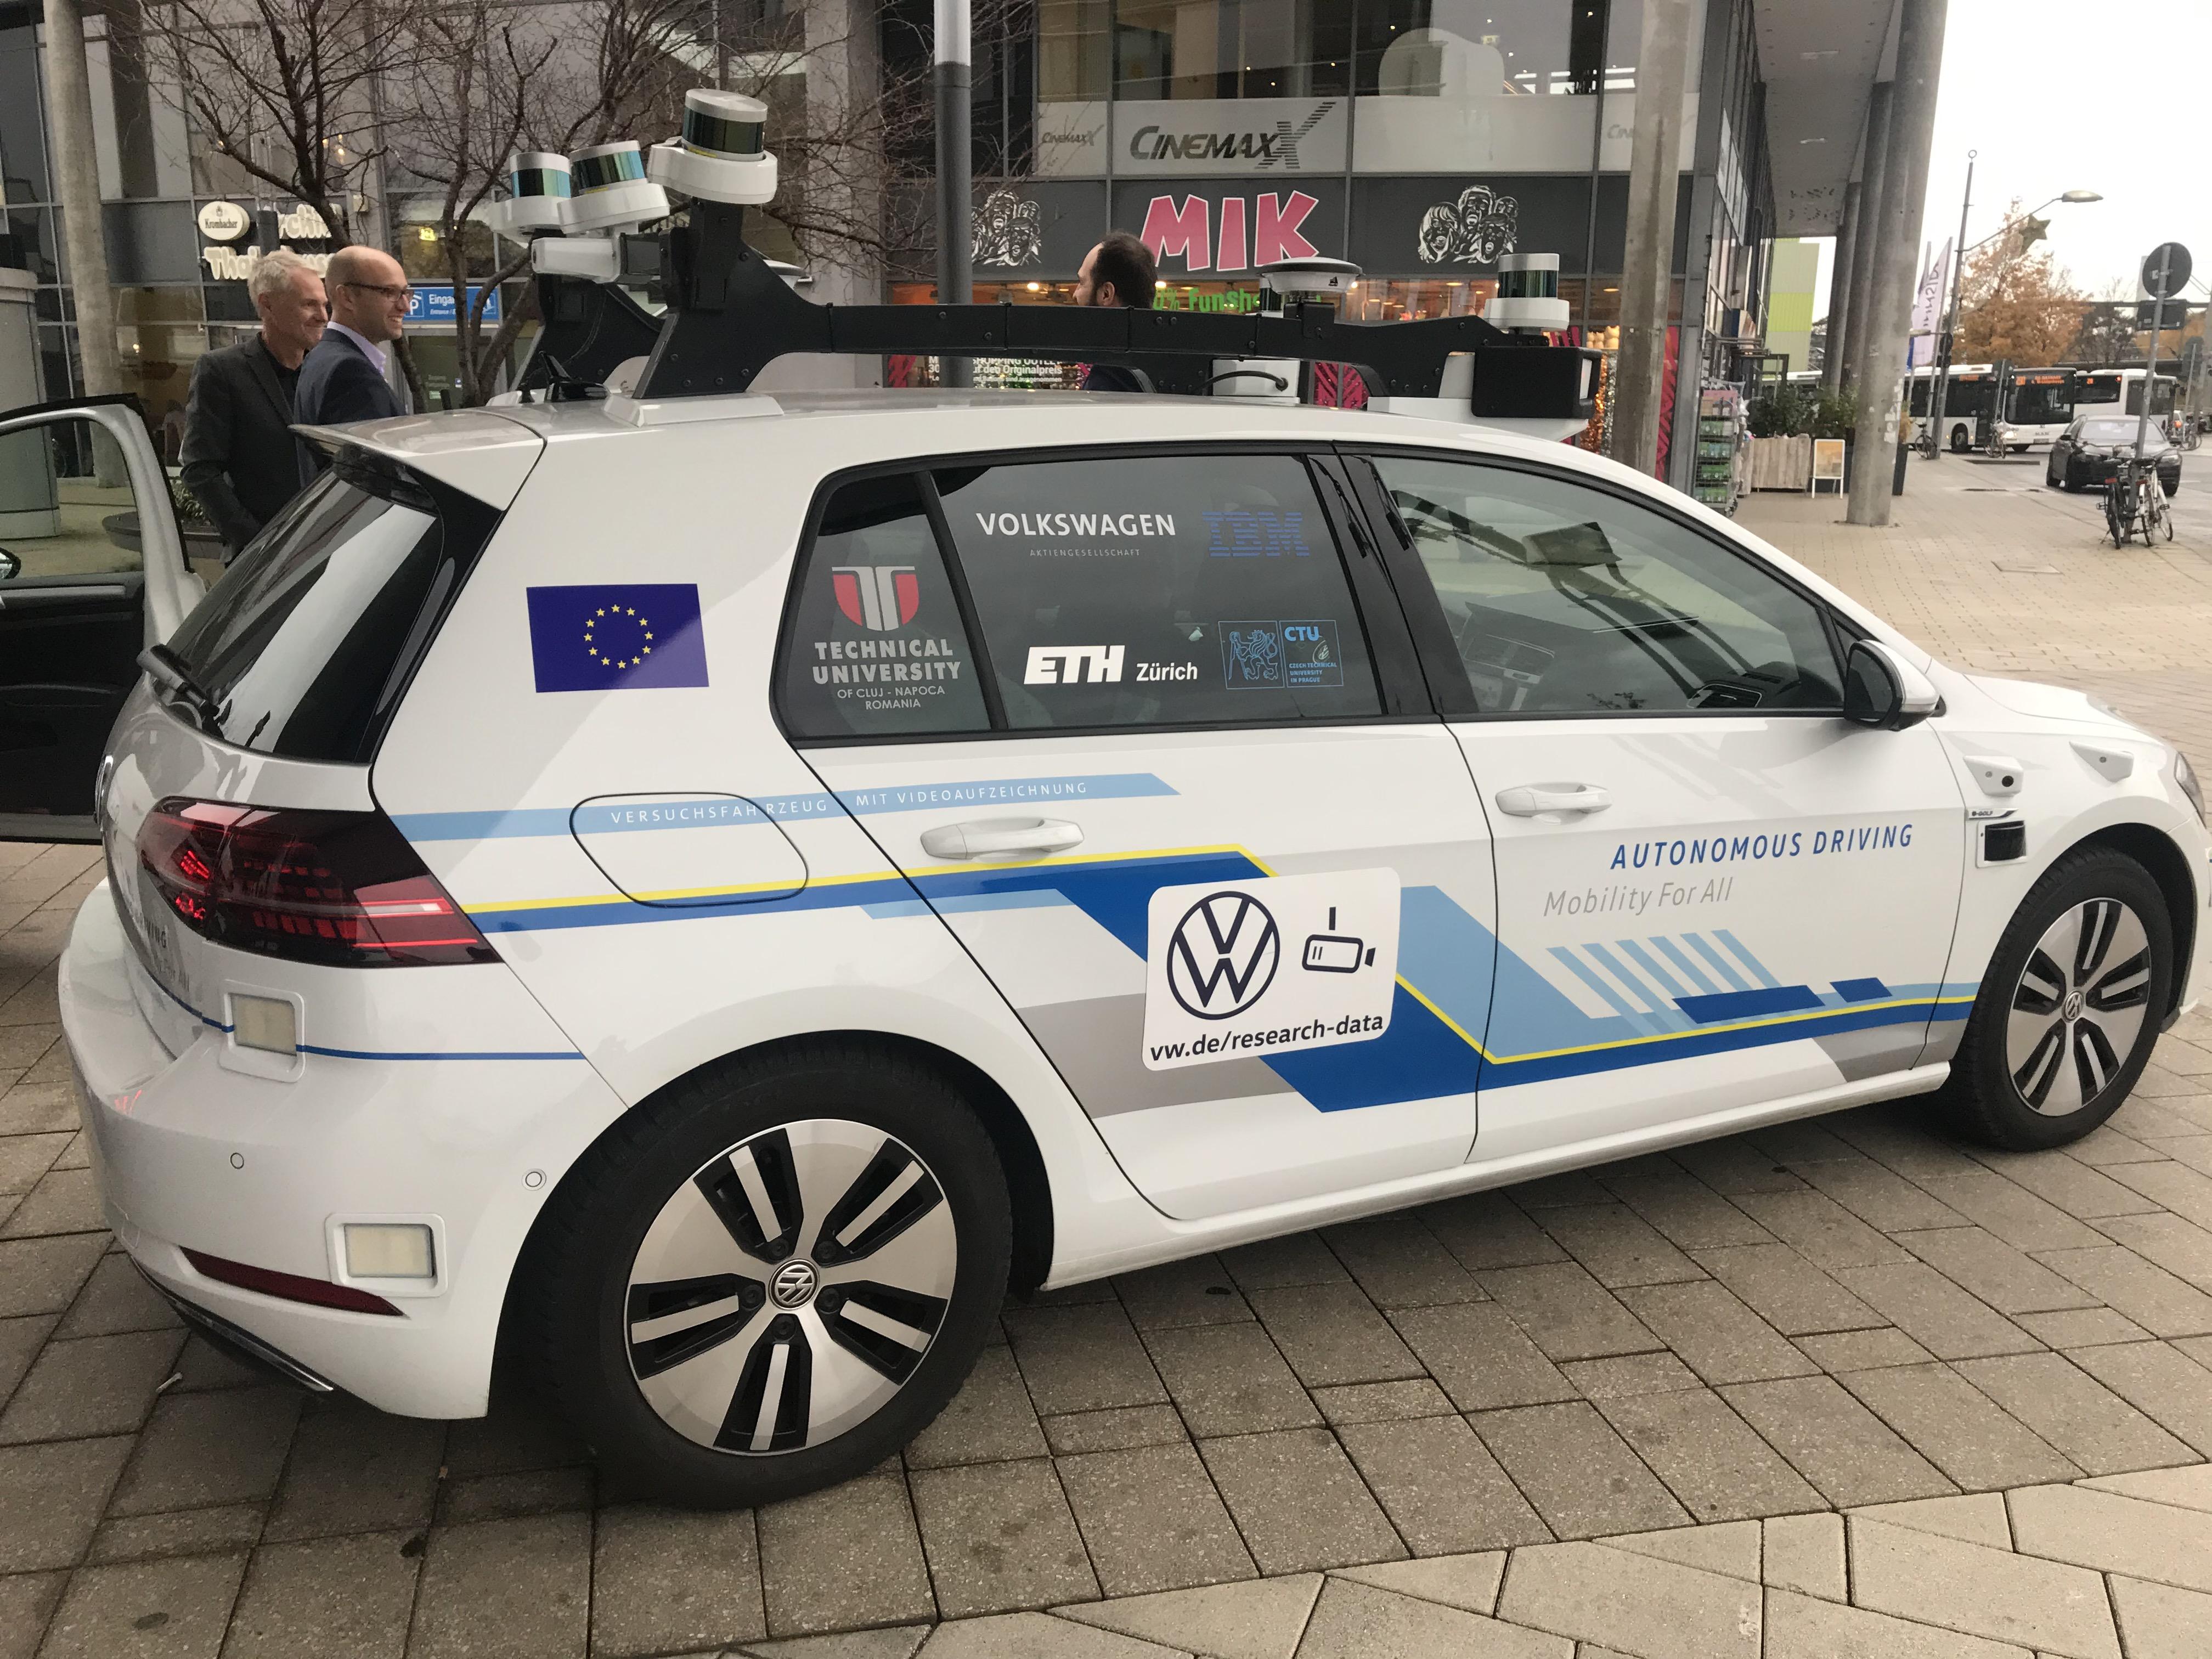 """universitatea tehnică din cluj-napoca în """"the champions league of autonomous driving"""""""